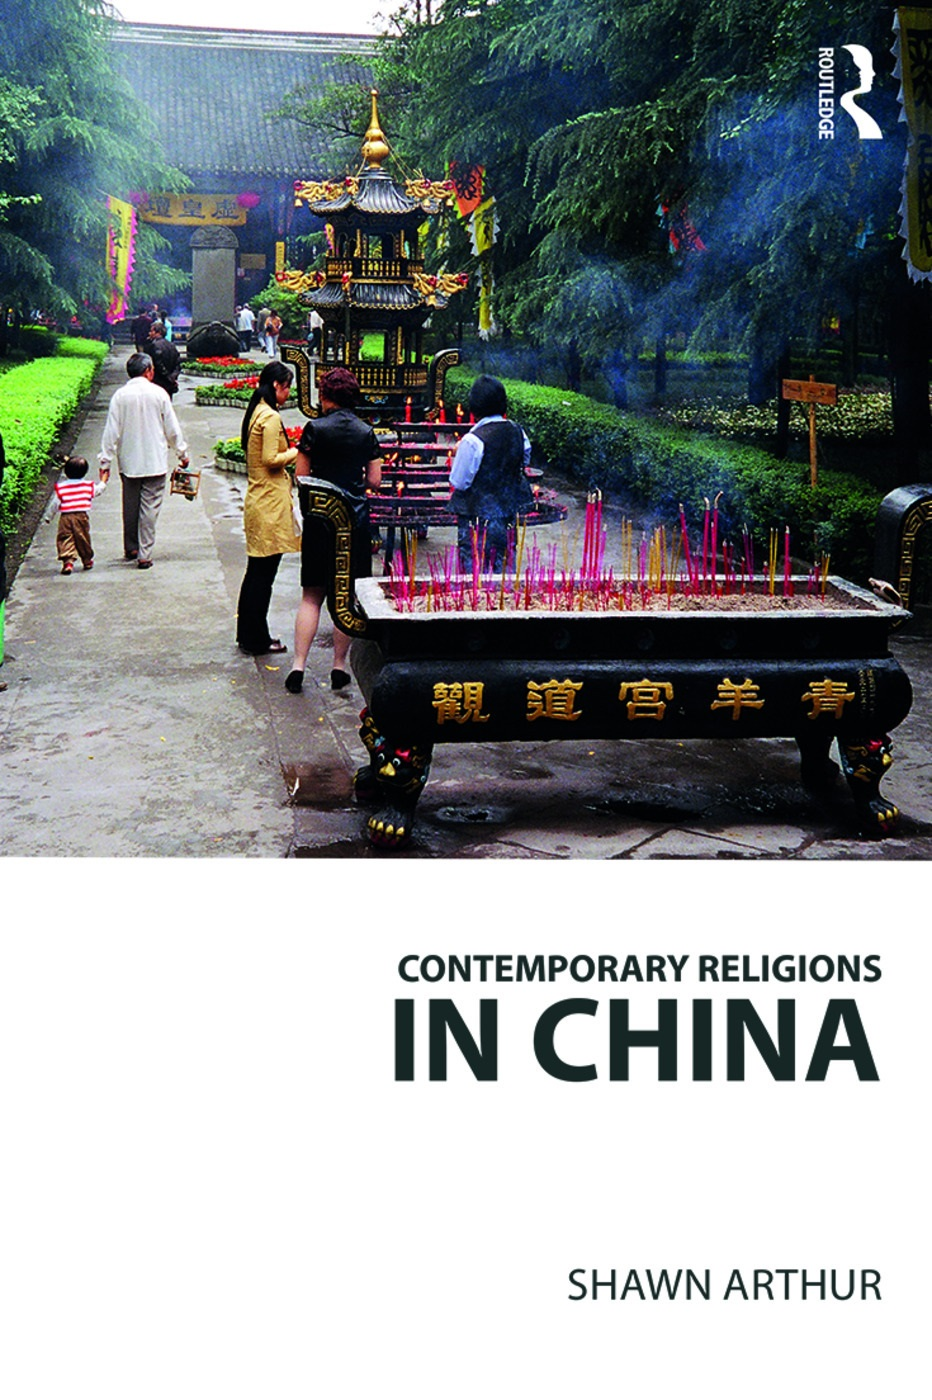 Arthur Contemporary Religions cover art